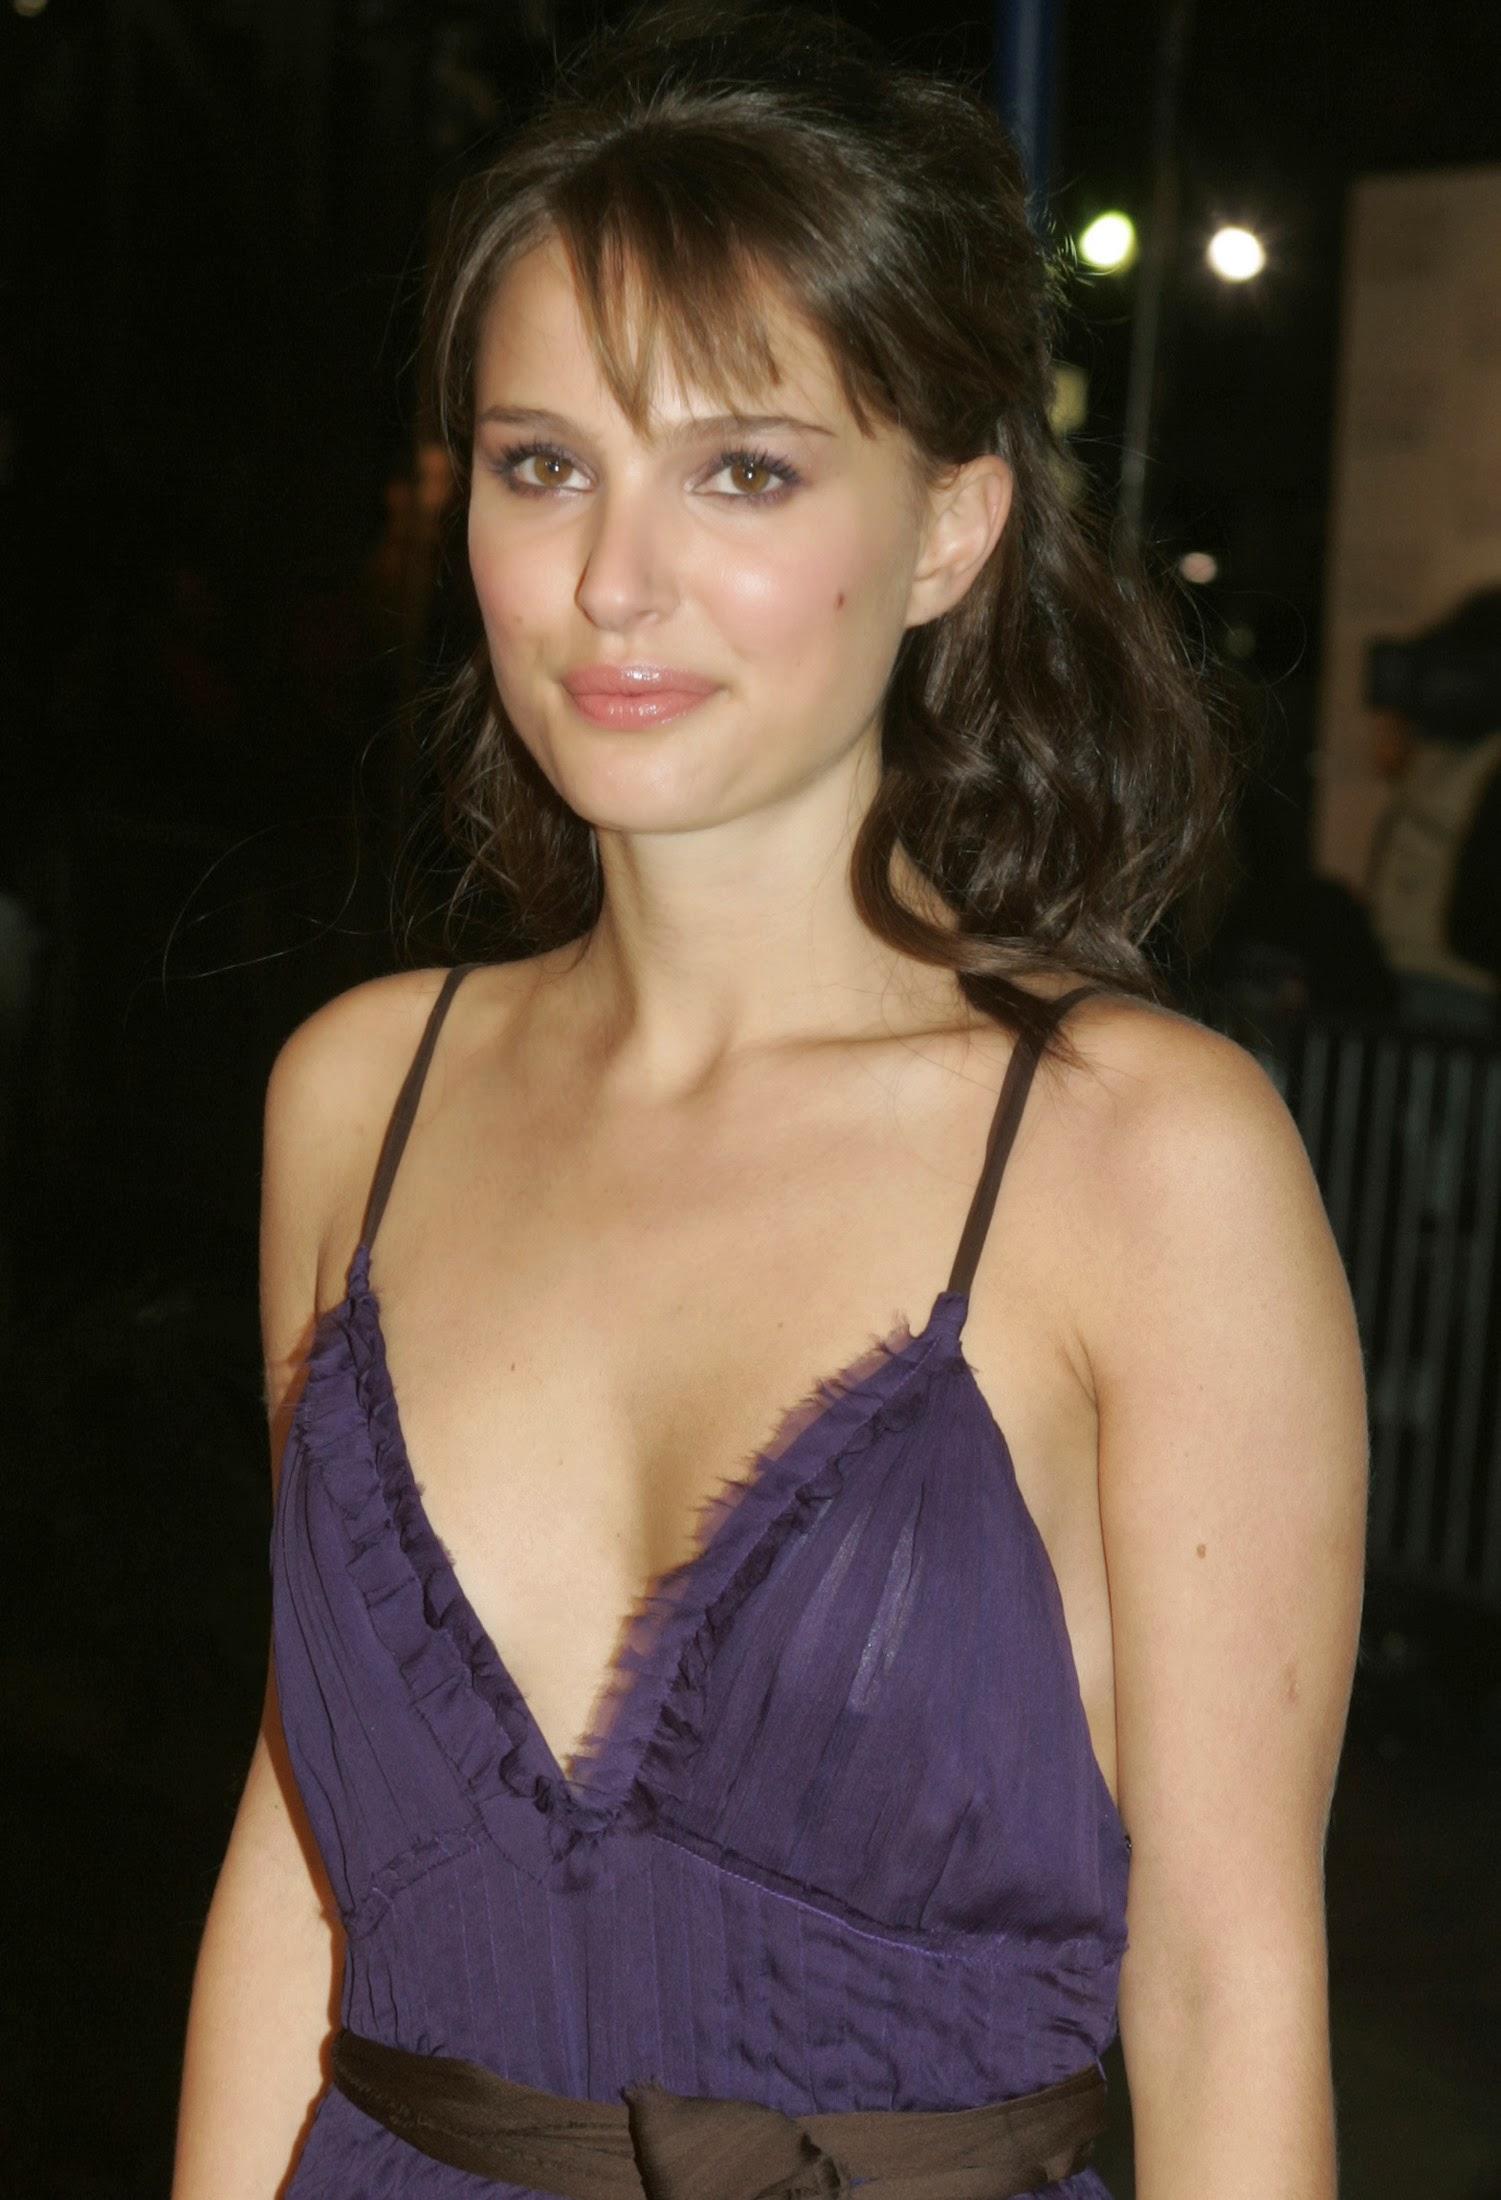 BartCops Movie Hotties - Natalie Portman - Page 9